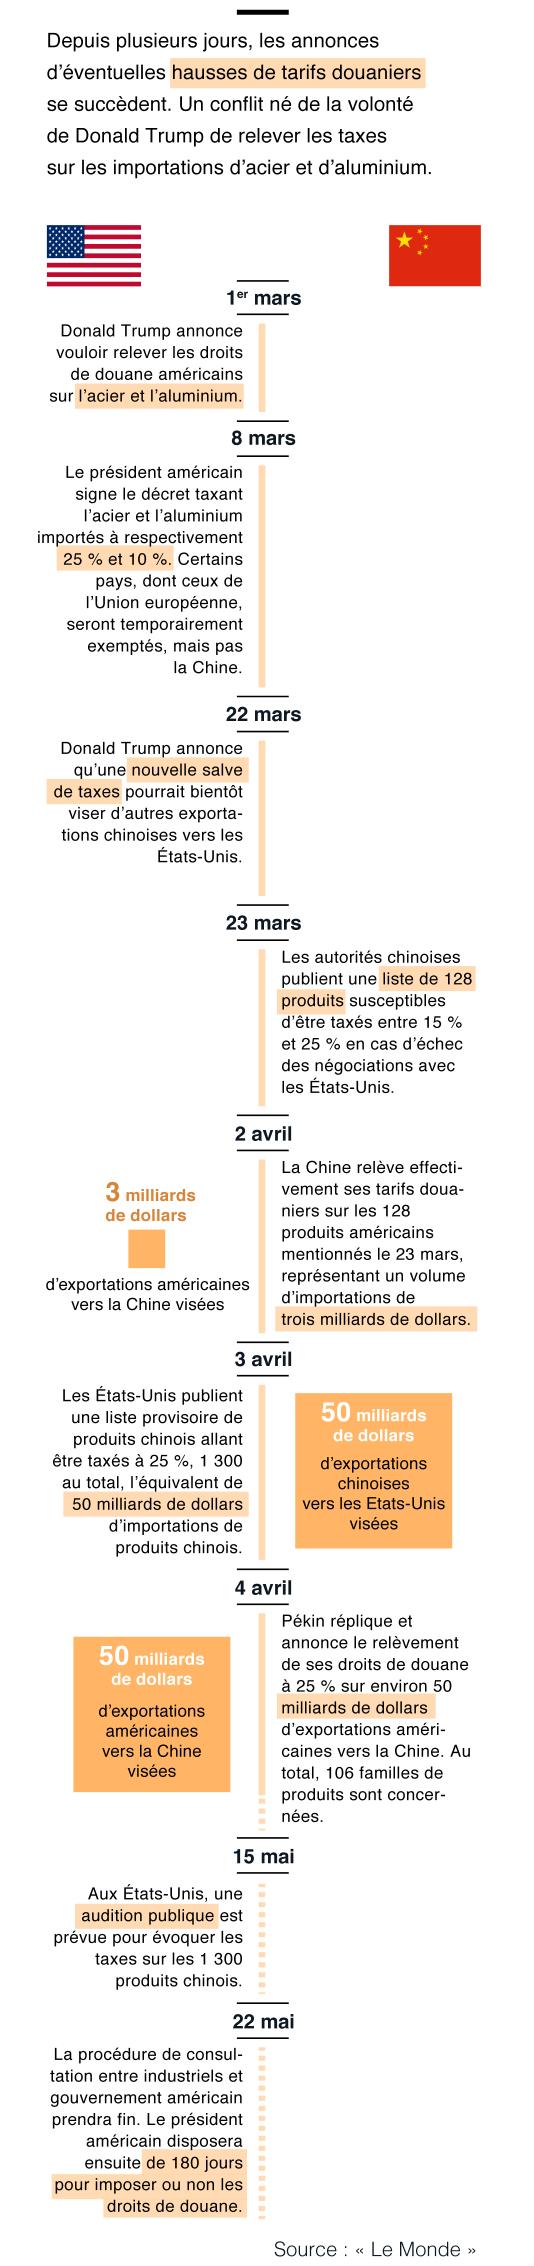 Chronologie du rapport de force Etats-Unis Chine sur les droits de douanes.